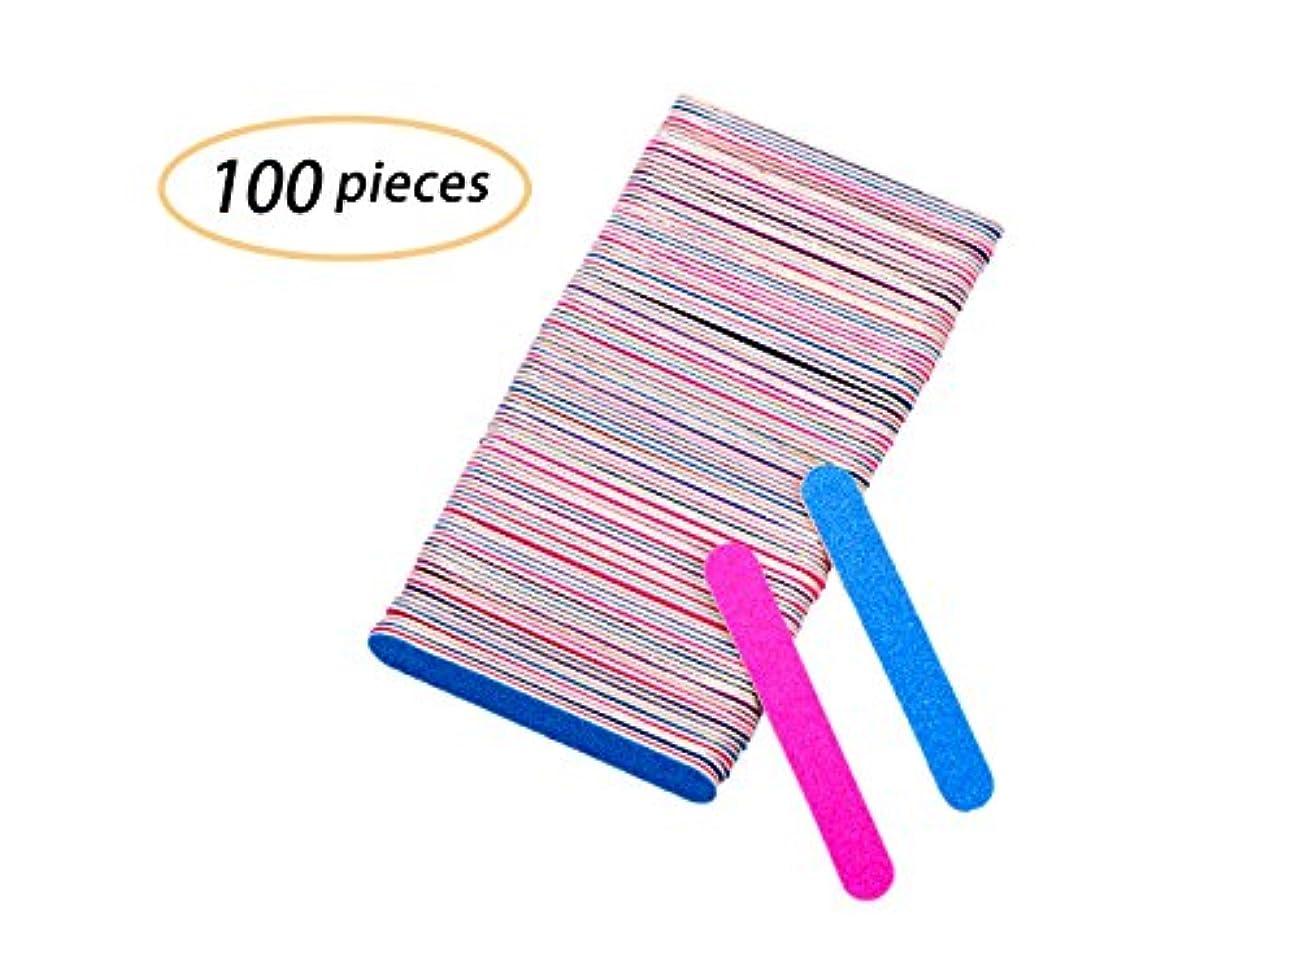 マーク主池Yolito 100pcs ネイルファイル エメリーボード 爪やすり使い捨て 爪磨き両面 ジェルネイル/自爪(180、240グリット)